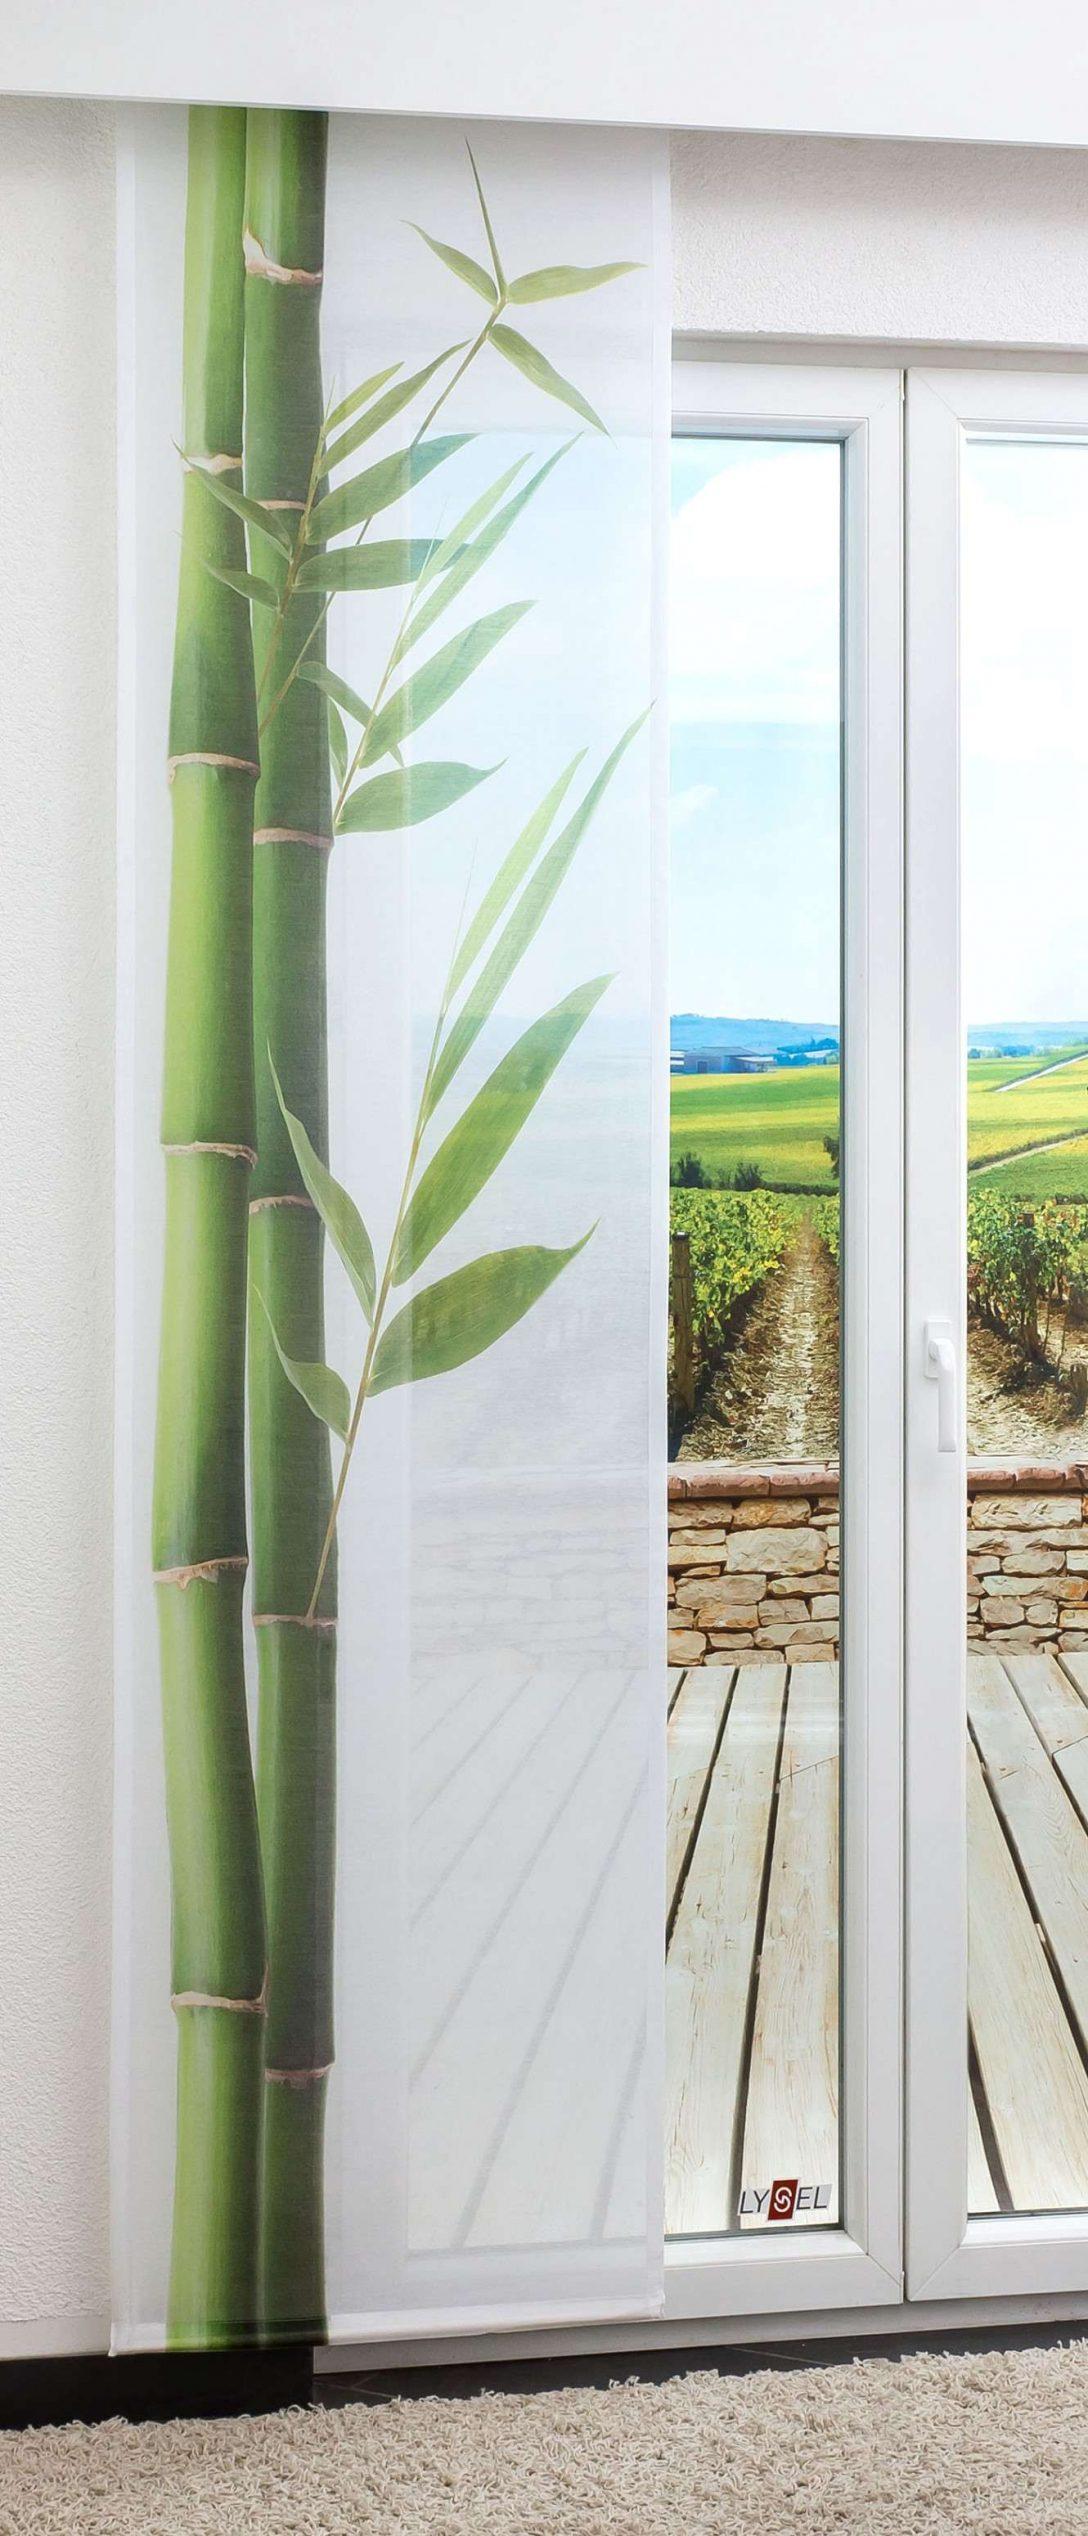 Large Size of Bambus Sichtschutz Obi Schweiz Kunststoff Balkon Fenster Mobile Küche Sichtschutzfolie Immobilien Bad Homburg Garten Im Bett Nobilia Für Einbauküche Wohnzimmer Bambus Sichtschutz Obi